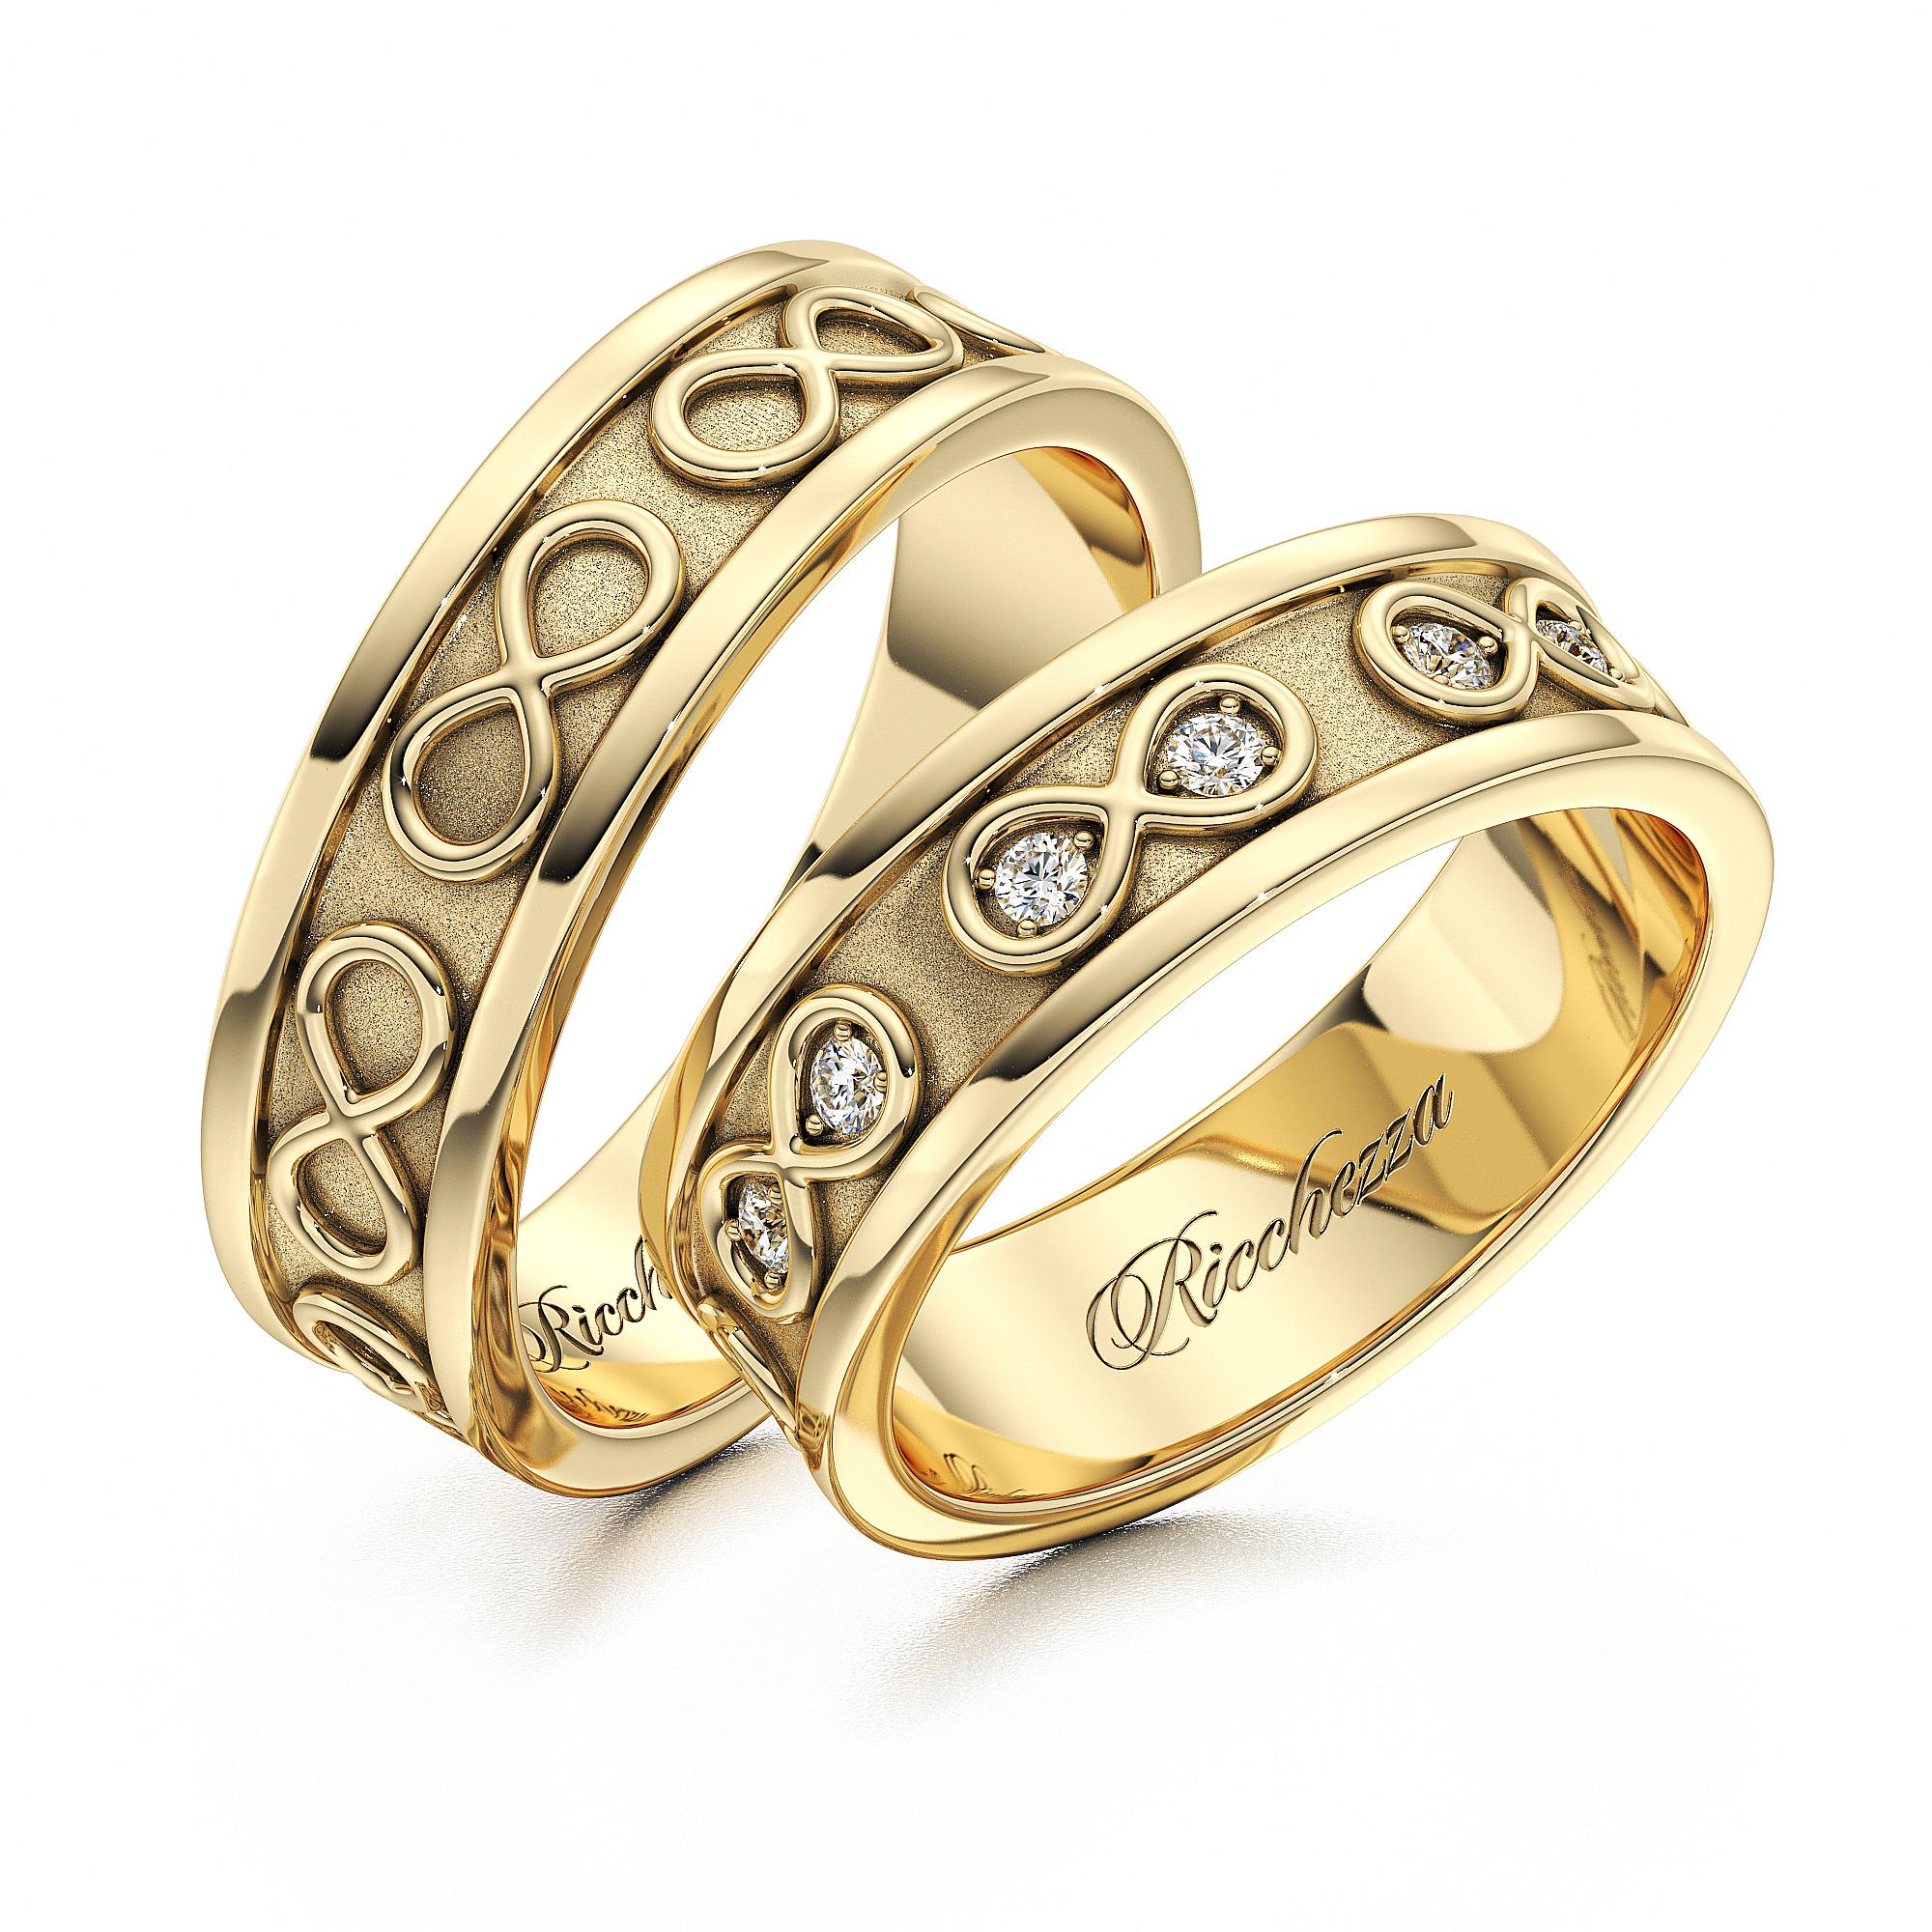 Обручальные кольца ERS60 — Ricchezza — ювелирные изделия 070a8412af6